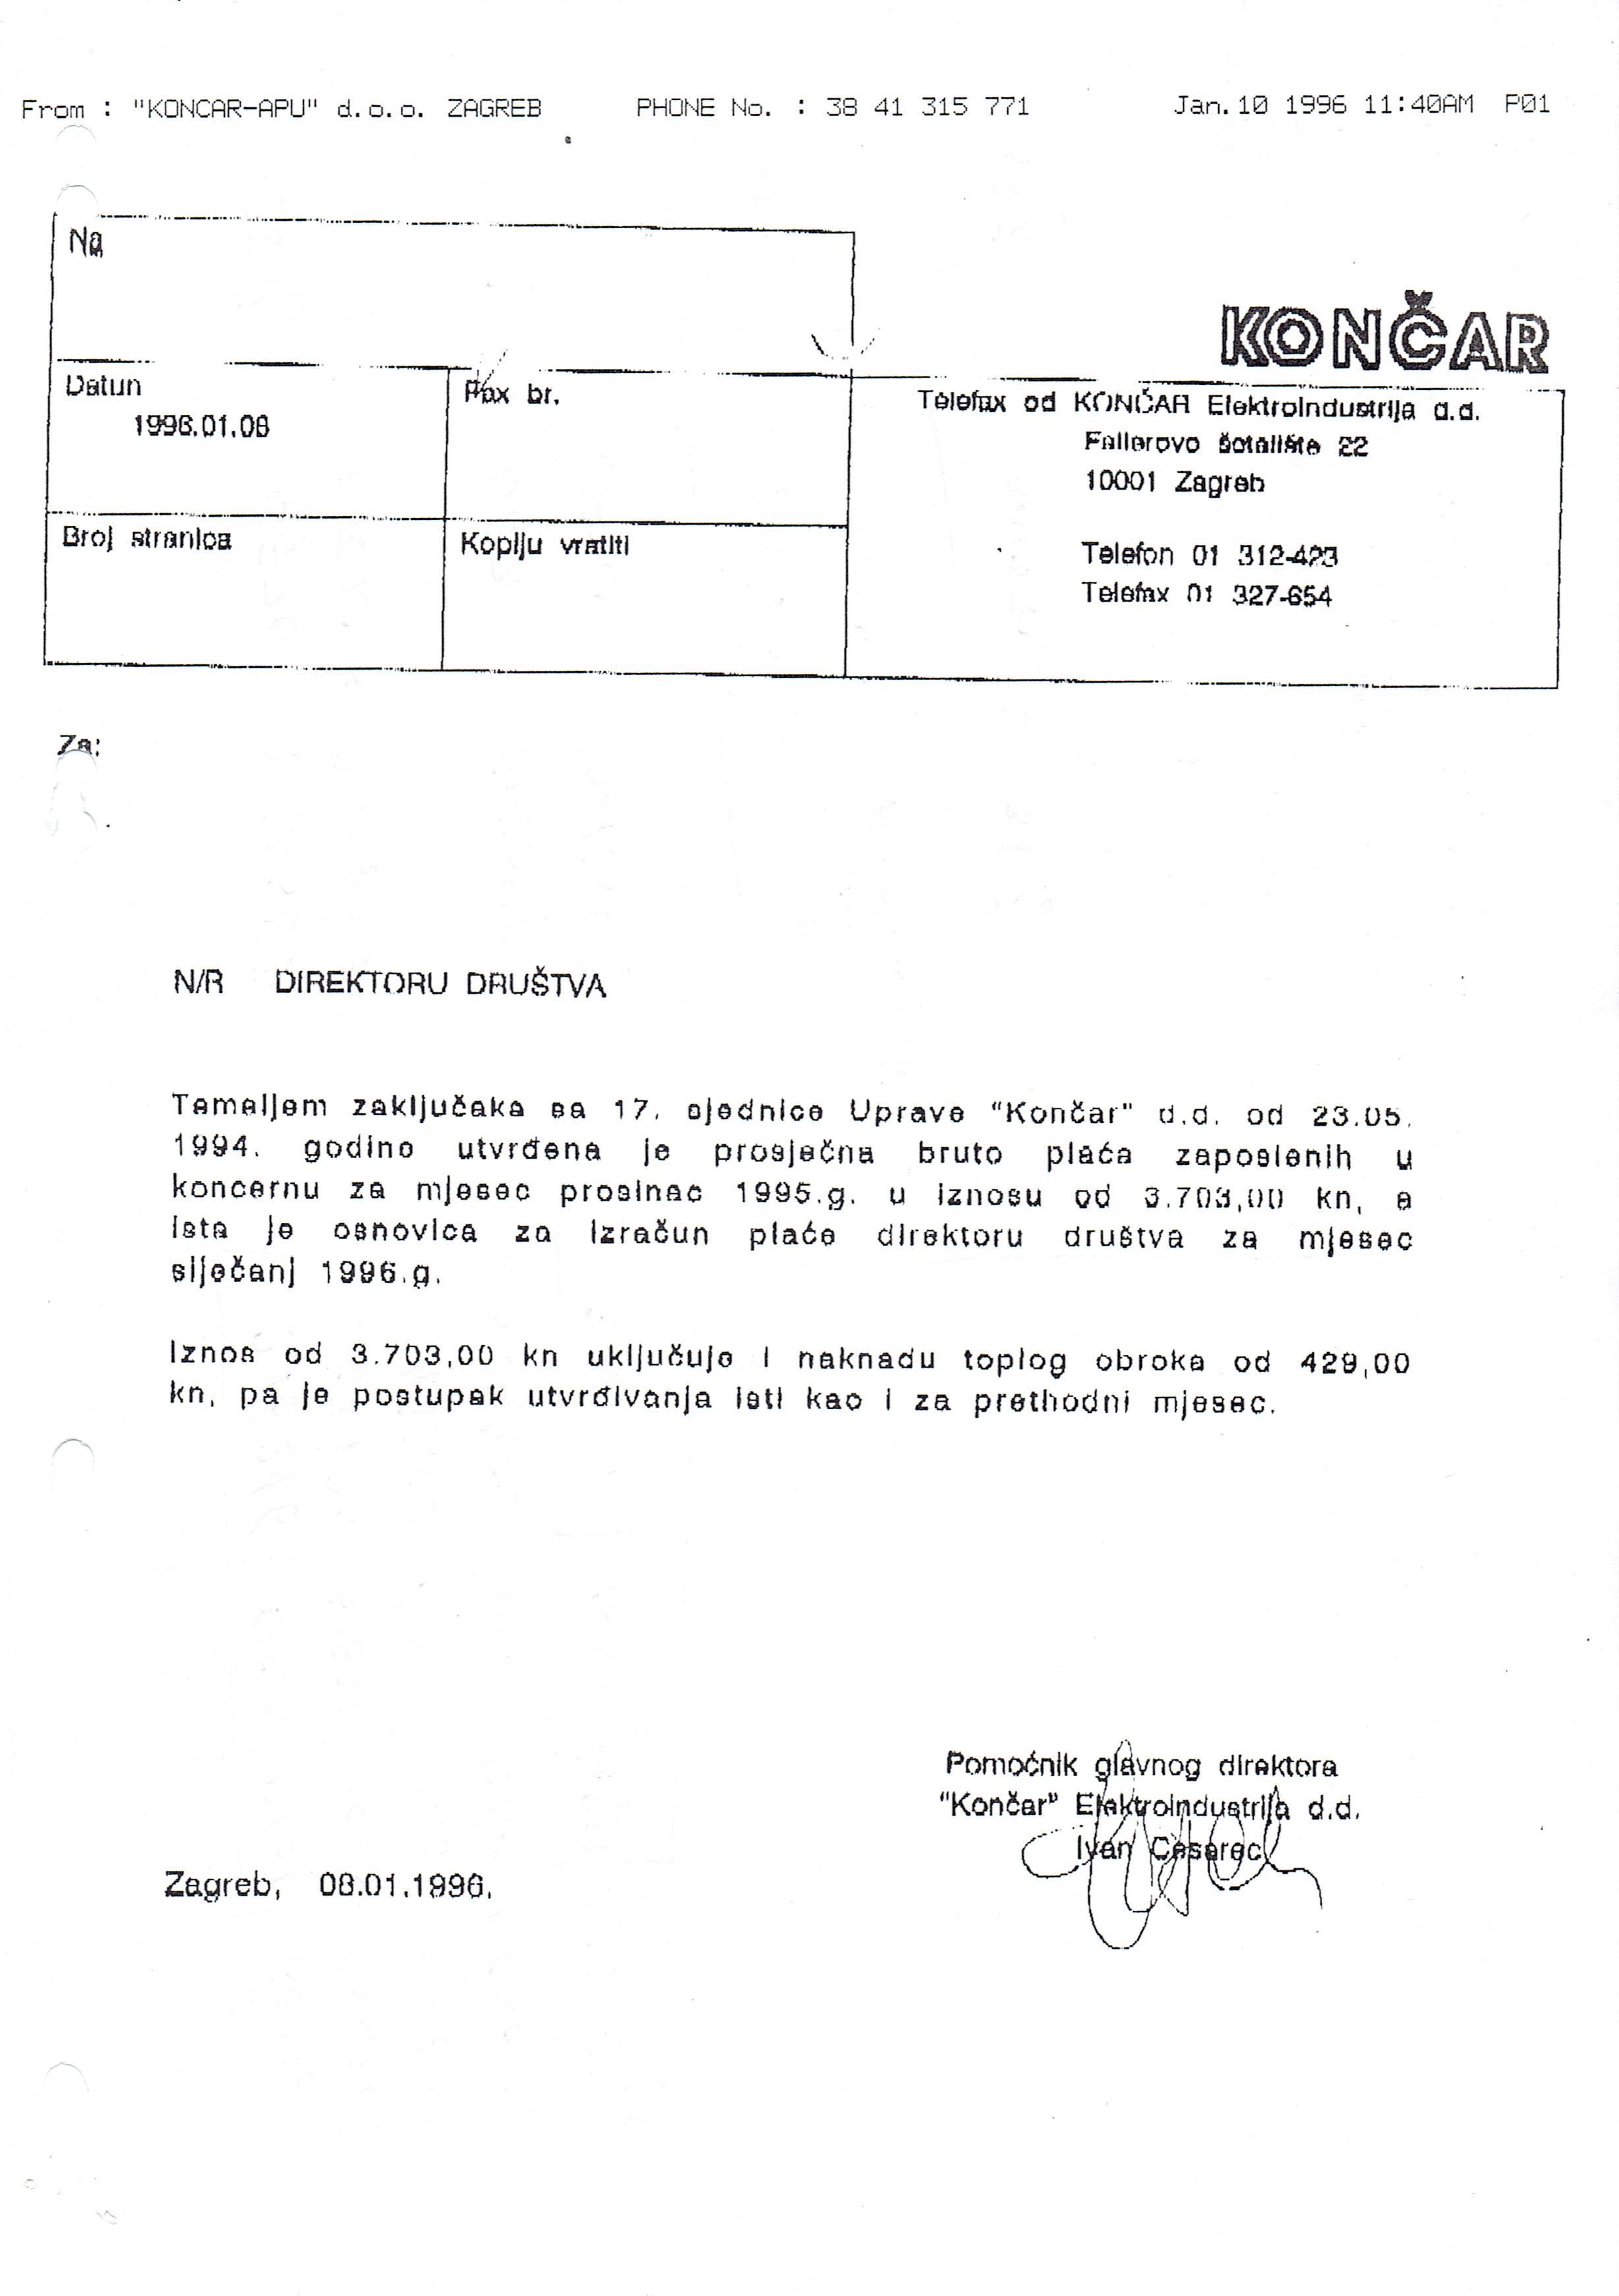 PROSJEČNA PLAĆA 1995.